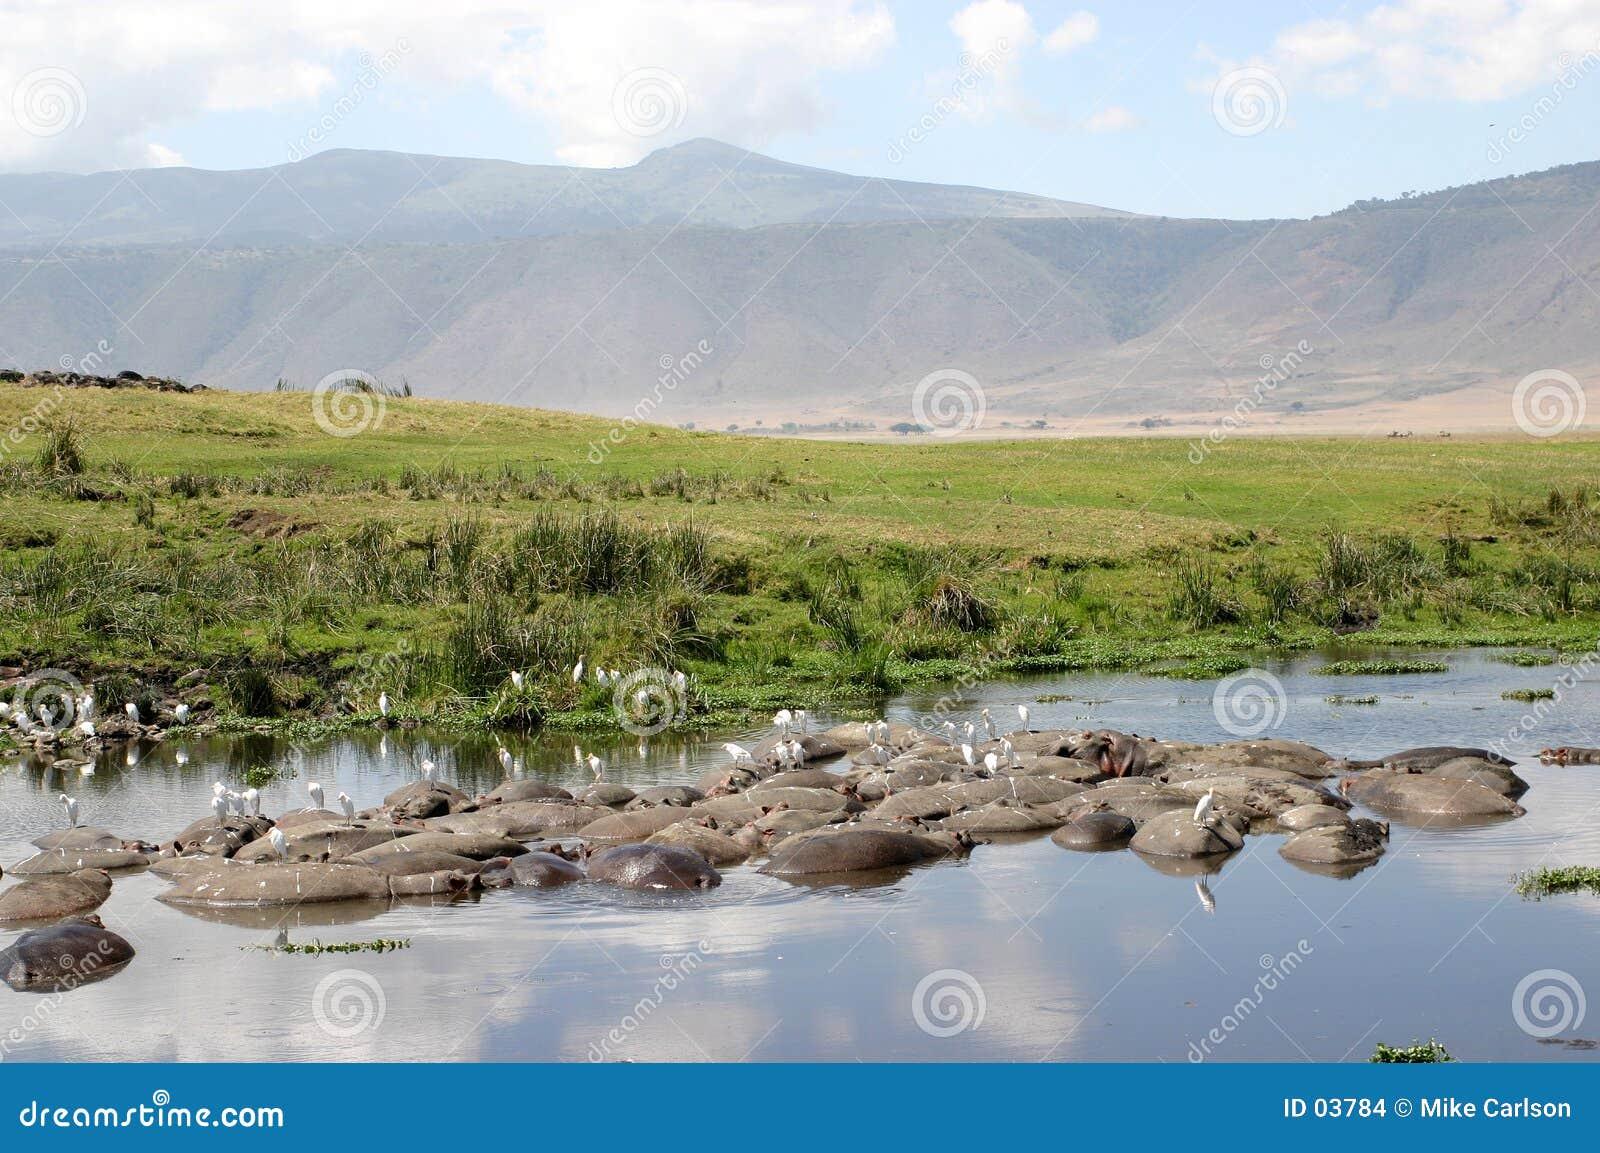 Krater-Landschaft mit Flusspferden